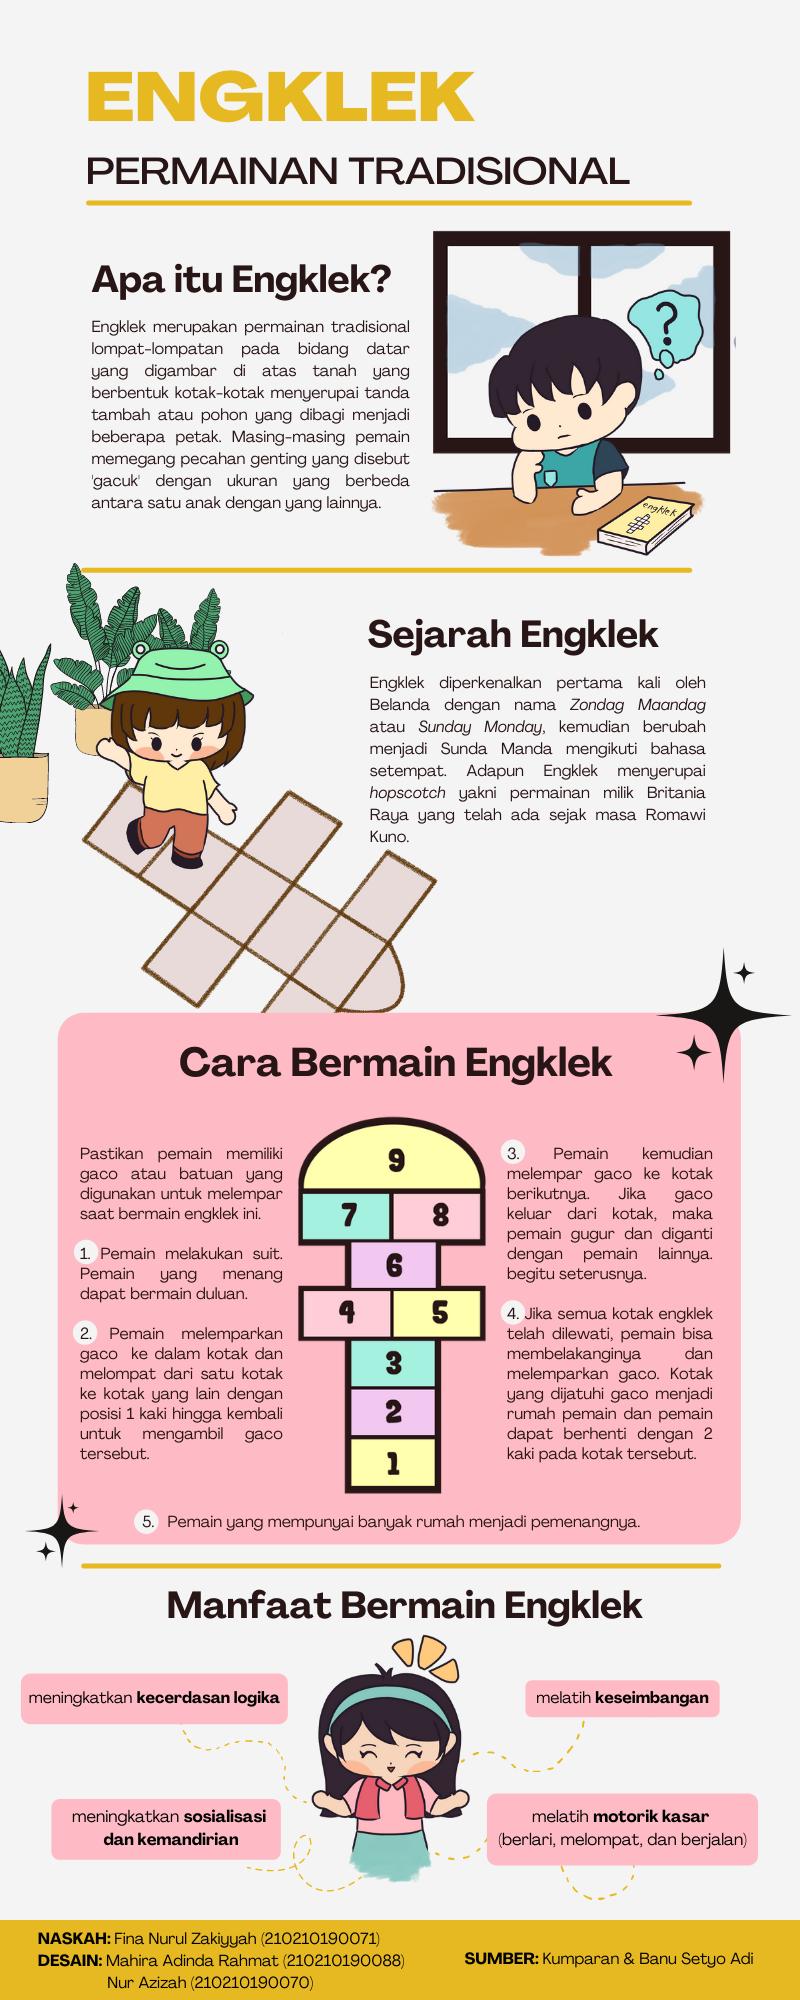 finazakiyyah1004_Infografis-Engklek_1624457227.png